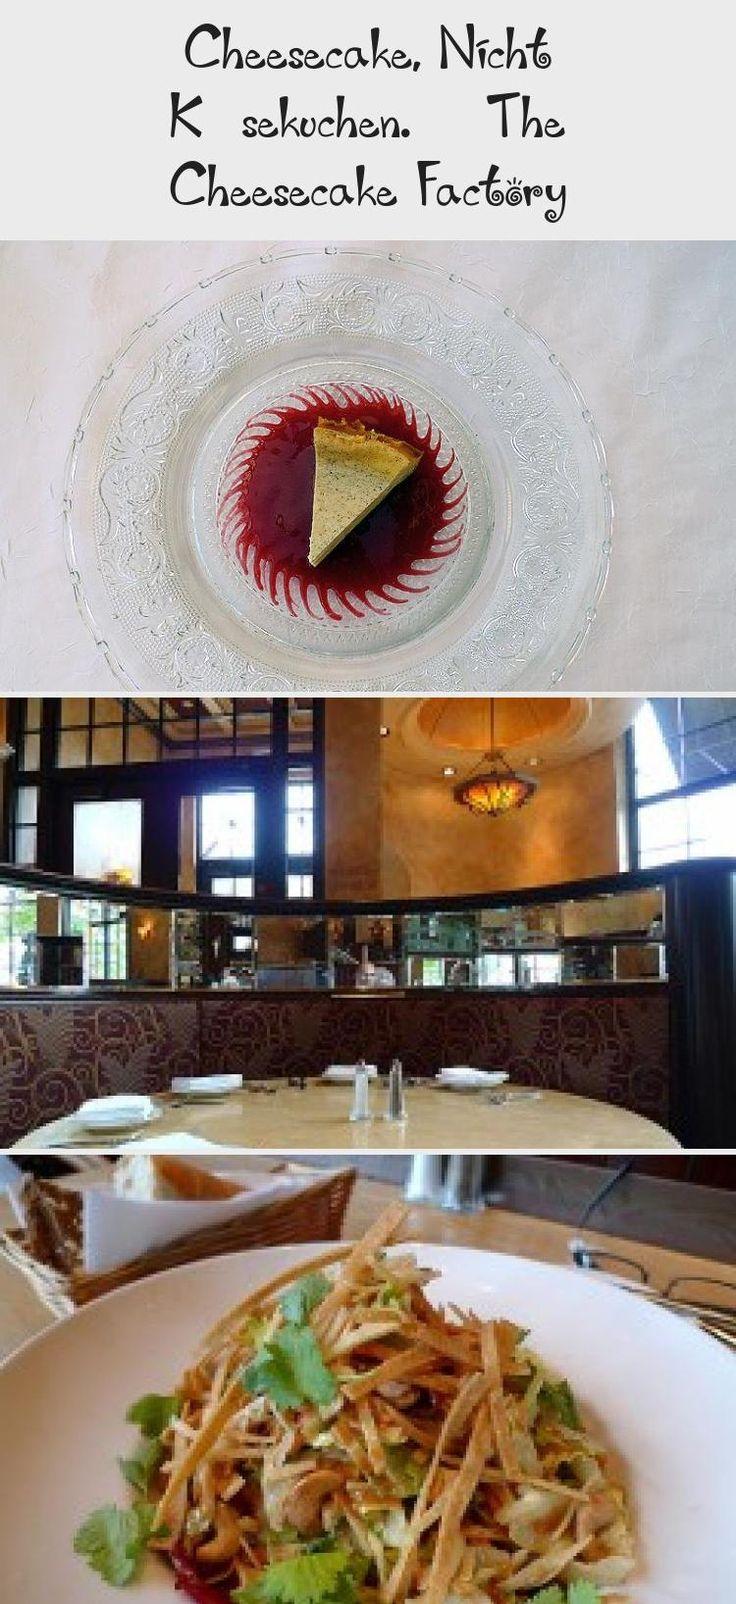 Cheesecake, Nicht Käsekuchen. – The Cheesecake Factory